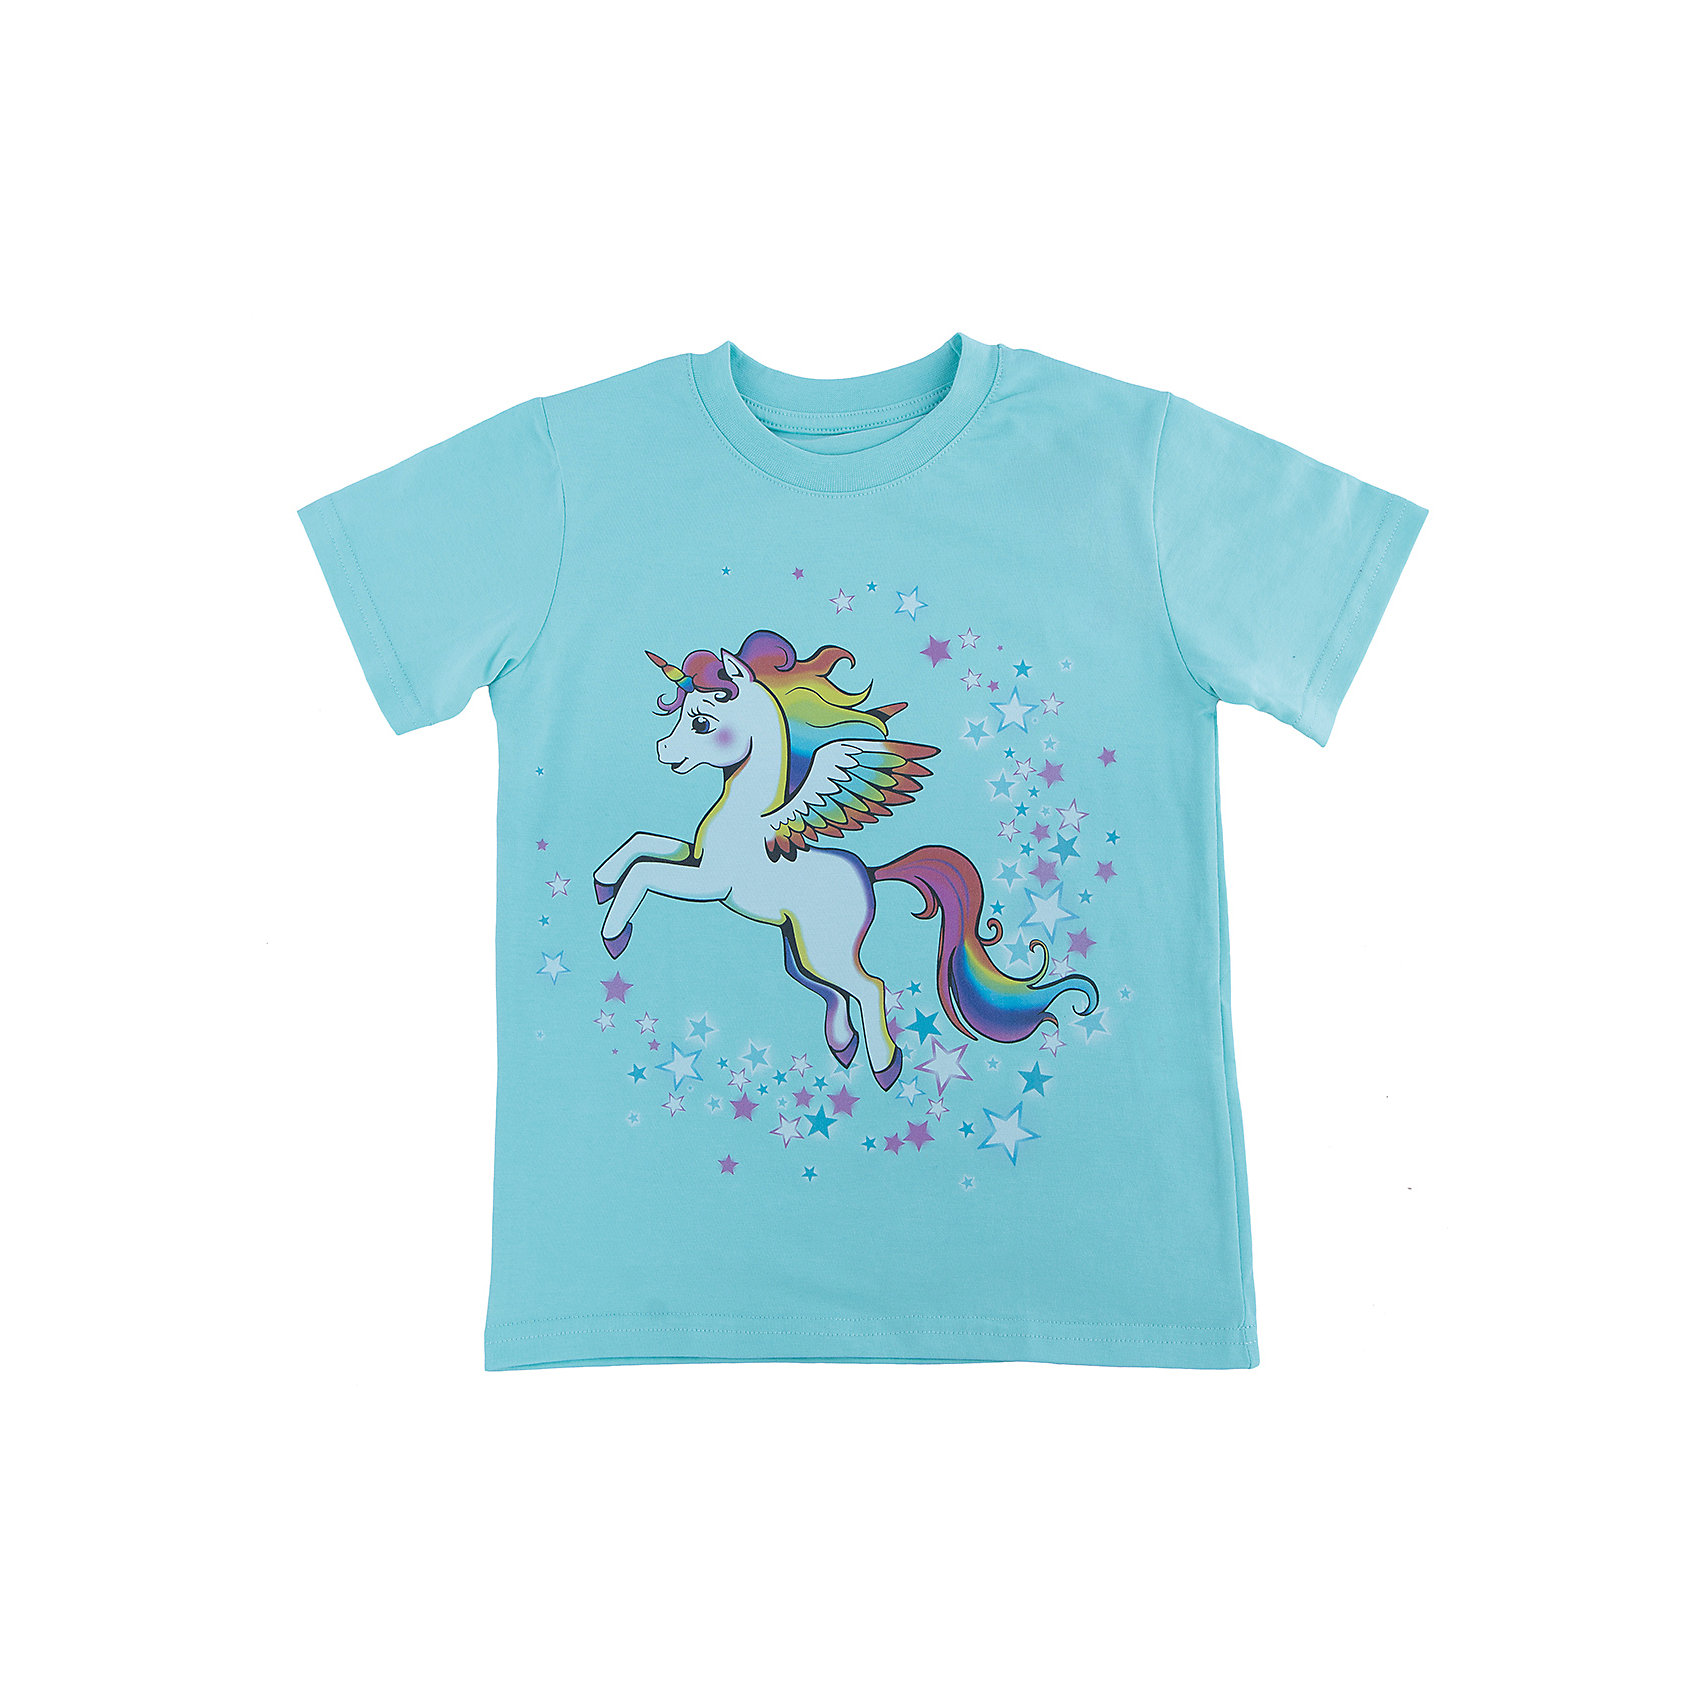 Футболка для девочки WOWФутболки, поло и топы<br>Футболка для девочки WOW<br>Незаменимой вещью в  гардеробе послужит футболка с коротким рукавом. Стильная и в тоже время комфортная модель, с яркой оригинальной печатью, будет превосходно смотреться на ребенке.<br>Состав:<br>кулирная гладь 100% хлопок<br><br>Ширина мм: 199<br>Глубина мм: 10<br>Высота мм: 161<br>Вес г: 151<br>Цвет: голубой<br>Возраст от месяцев: 72<br>Возраст до месяцев: 84<br>Пол: Женский<br>Возраст: Детский<br>Размер: 122,98,104,110,116<br>SKU: 6871745